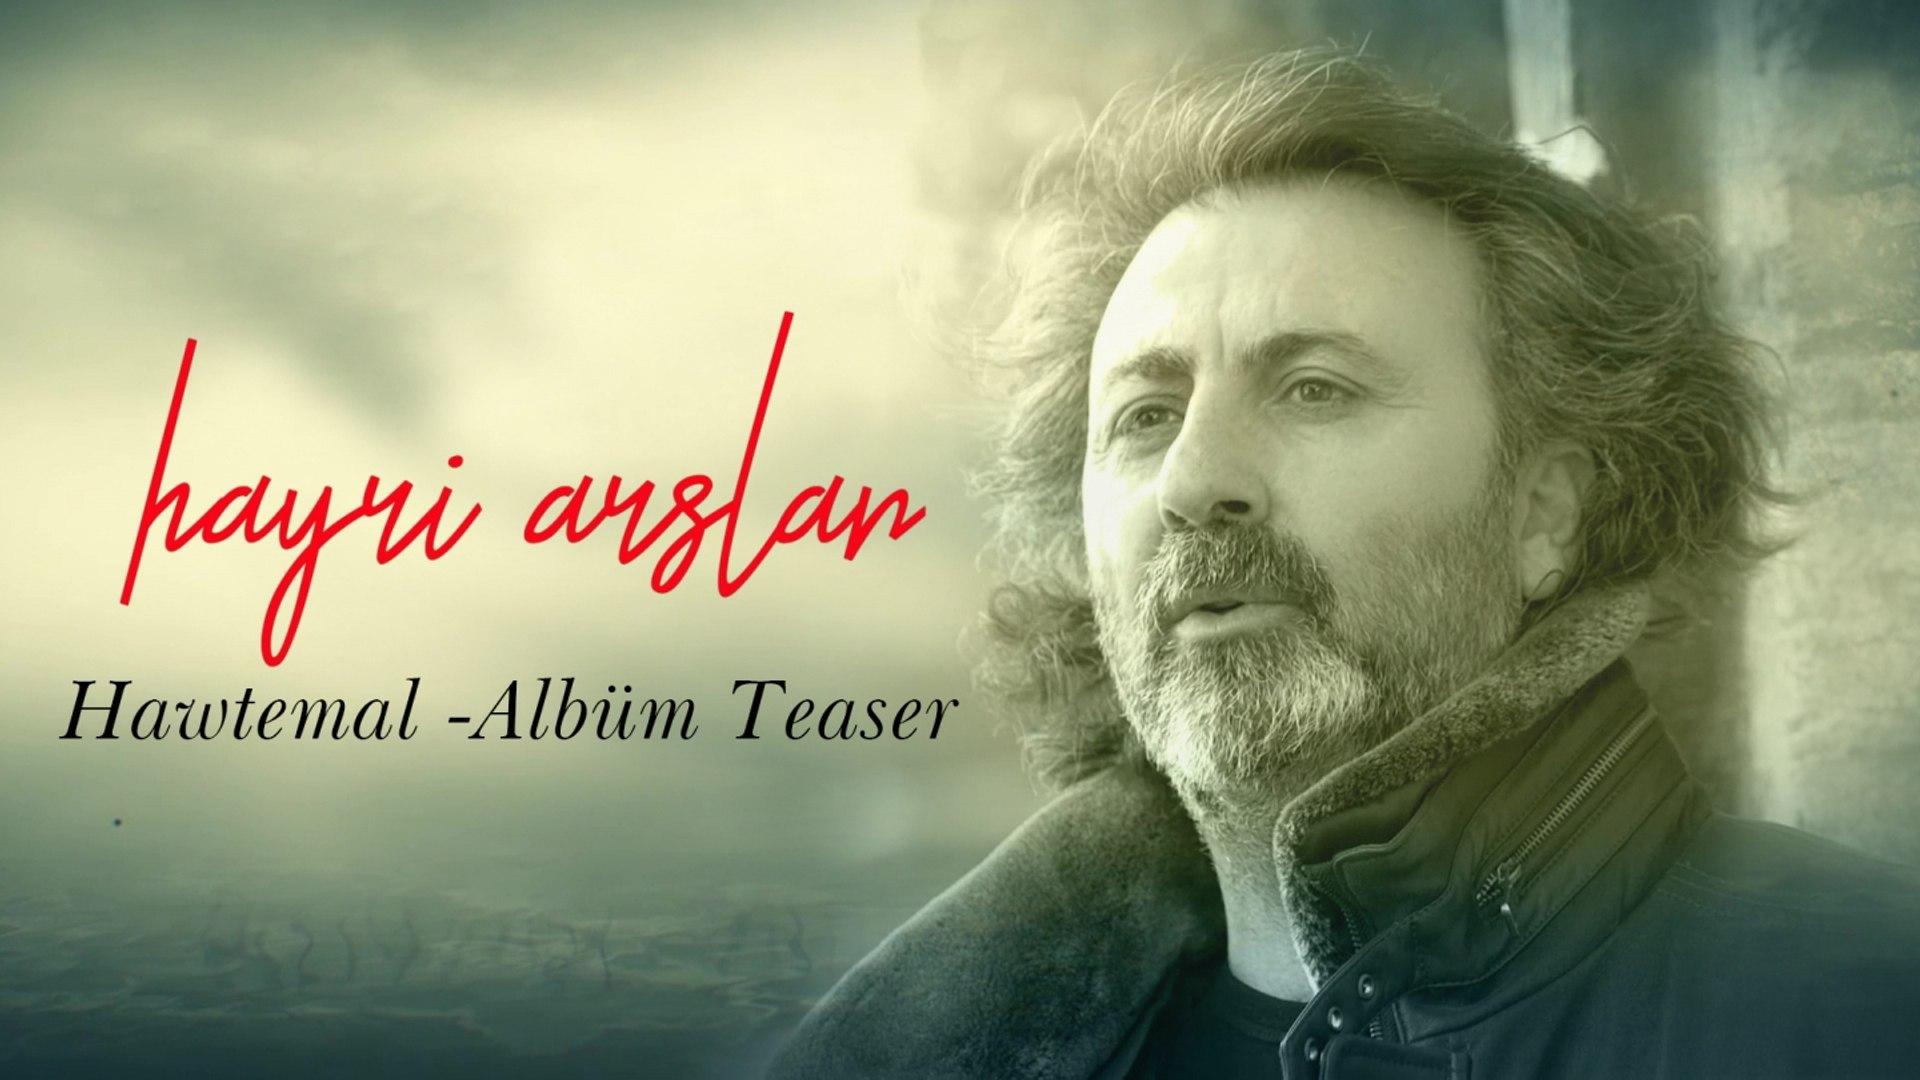 Hayri Arslan - Hawtemal Albüm Teaser - [2020 © Medya Müzik]